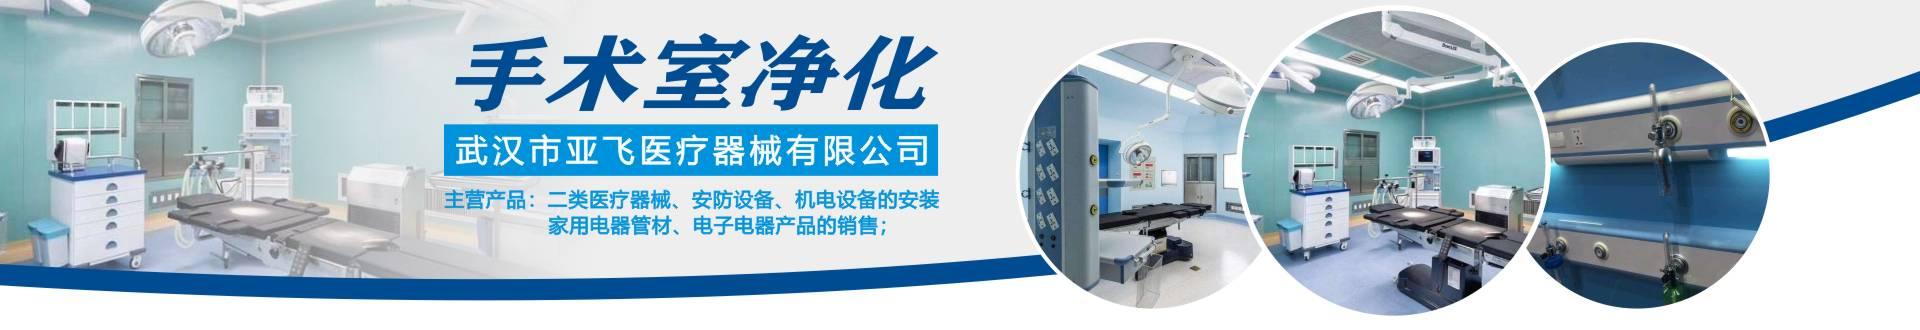 武汉市亚飞医疗器械有限公司